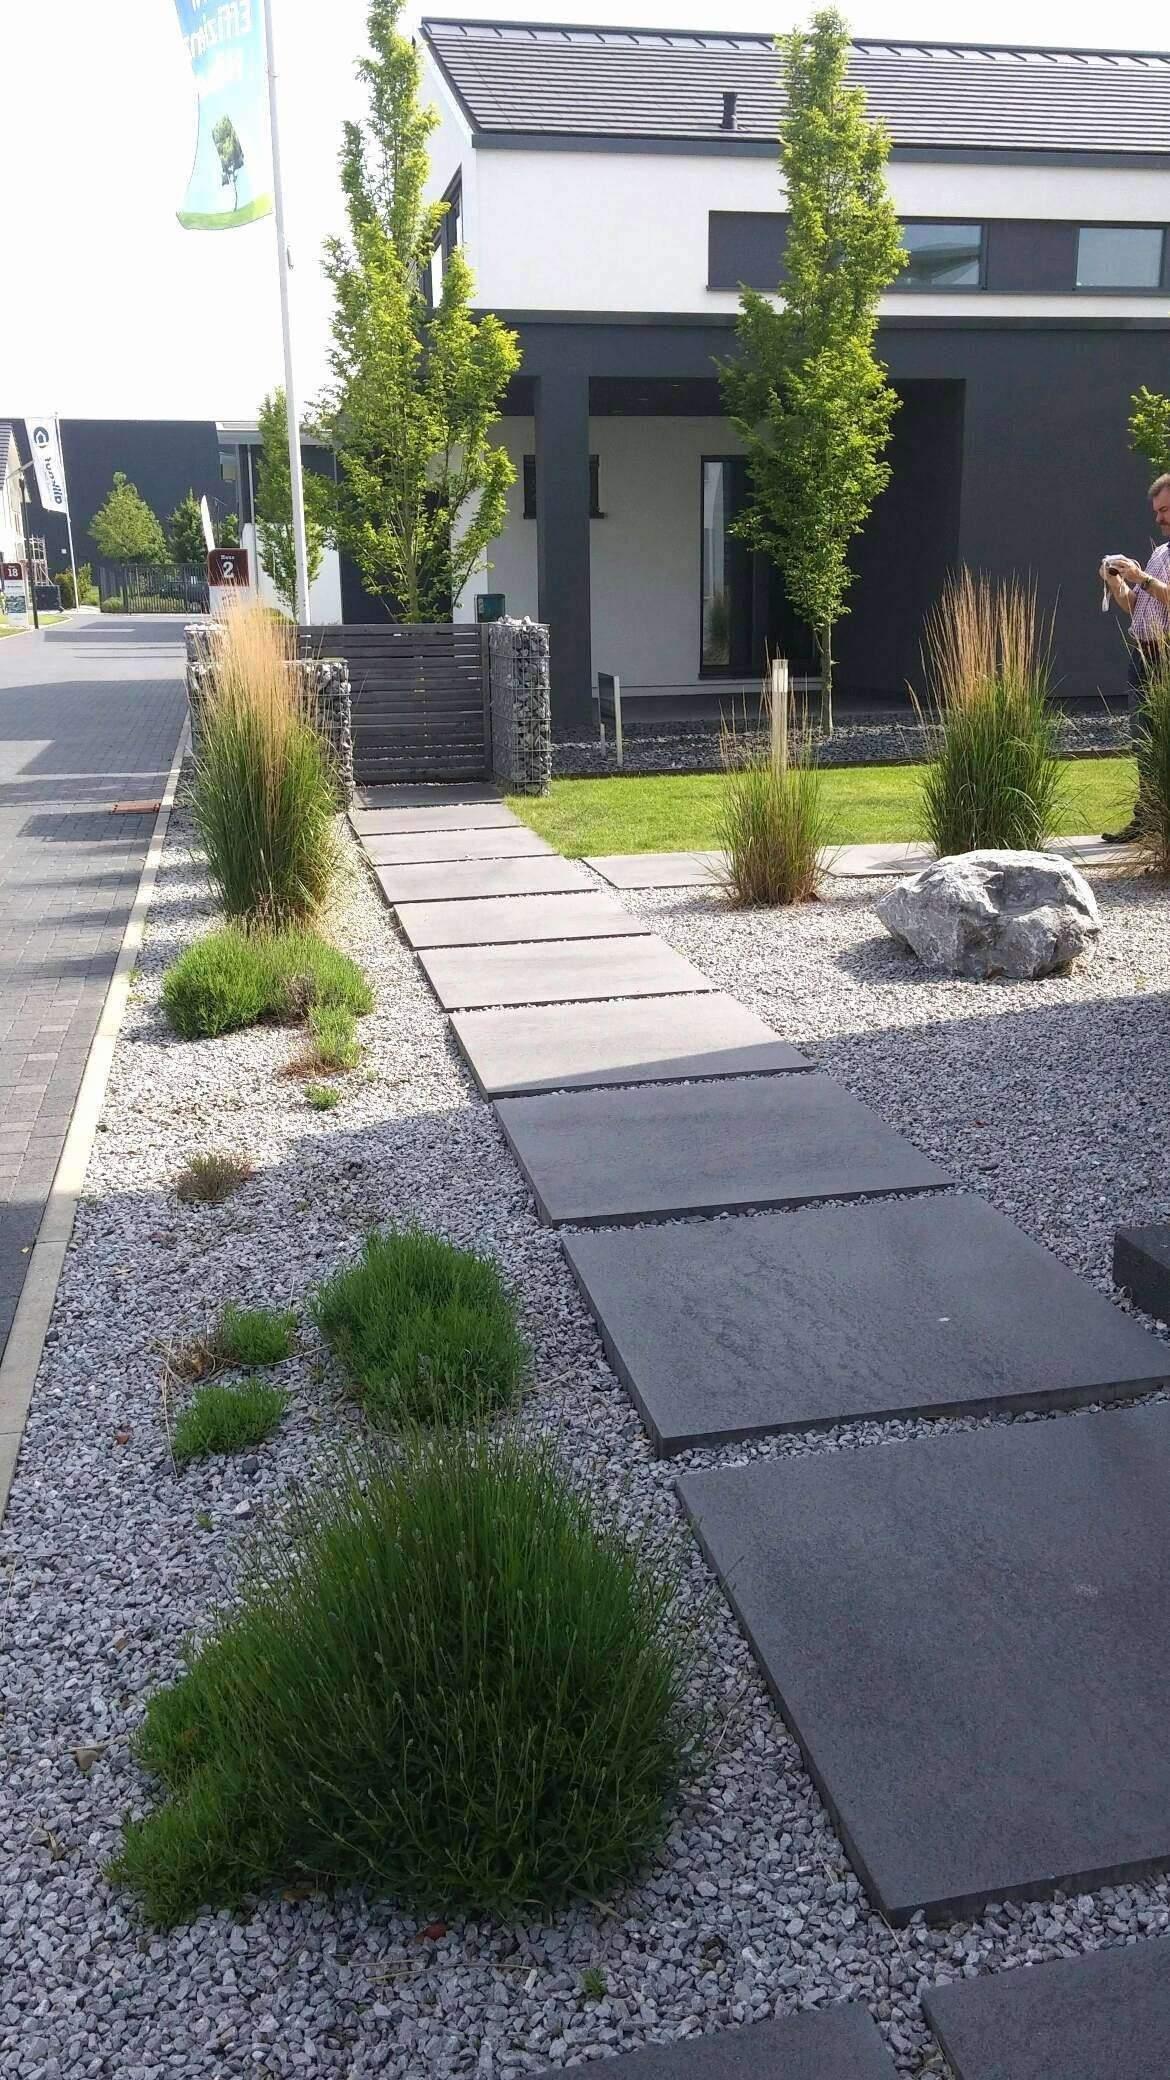 Holzleiter Deko Garten Schön Gartengestaltung Kleiner Garten Einzigartig Garten Ideas